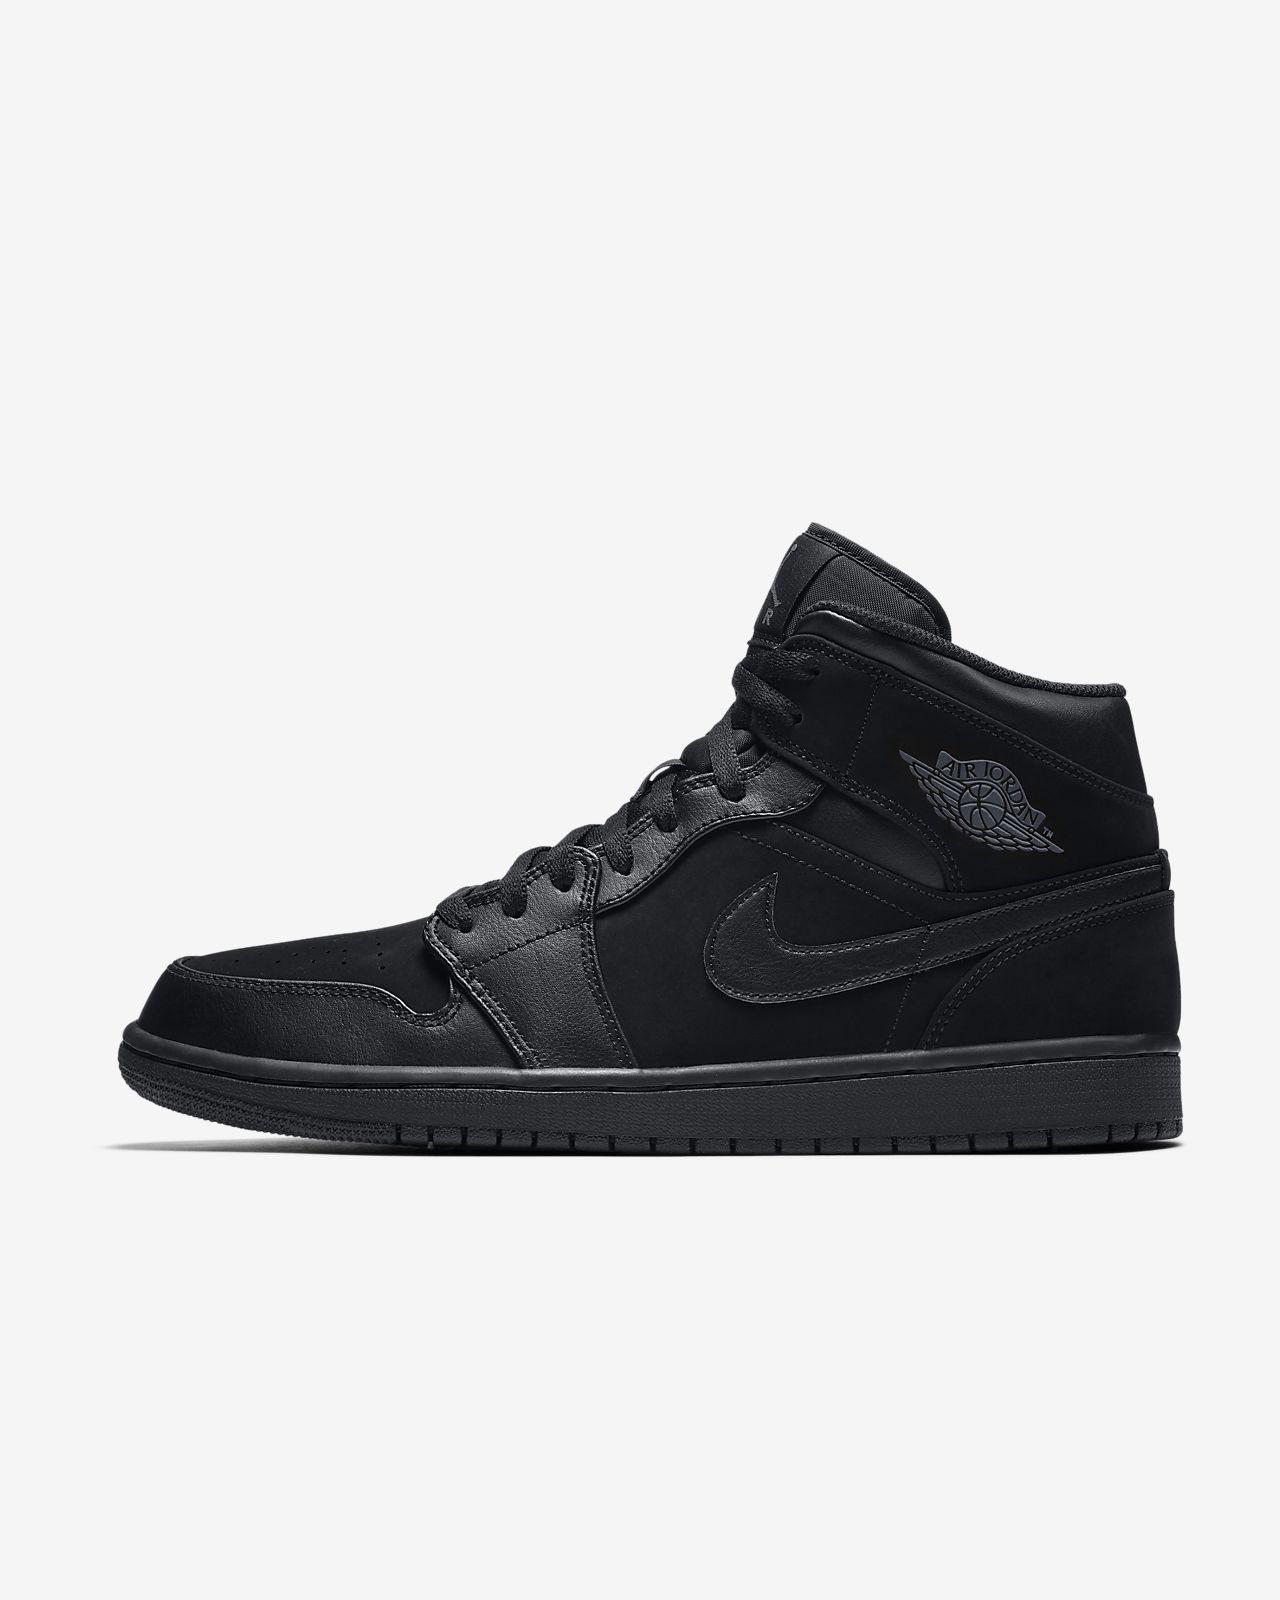 pick up 9eeb9 7e002 ... Air Jordan 1 Mid Men s Shoe